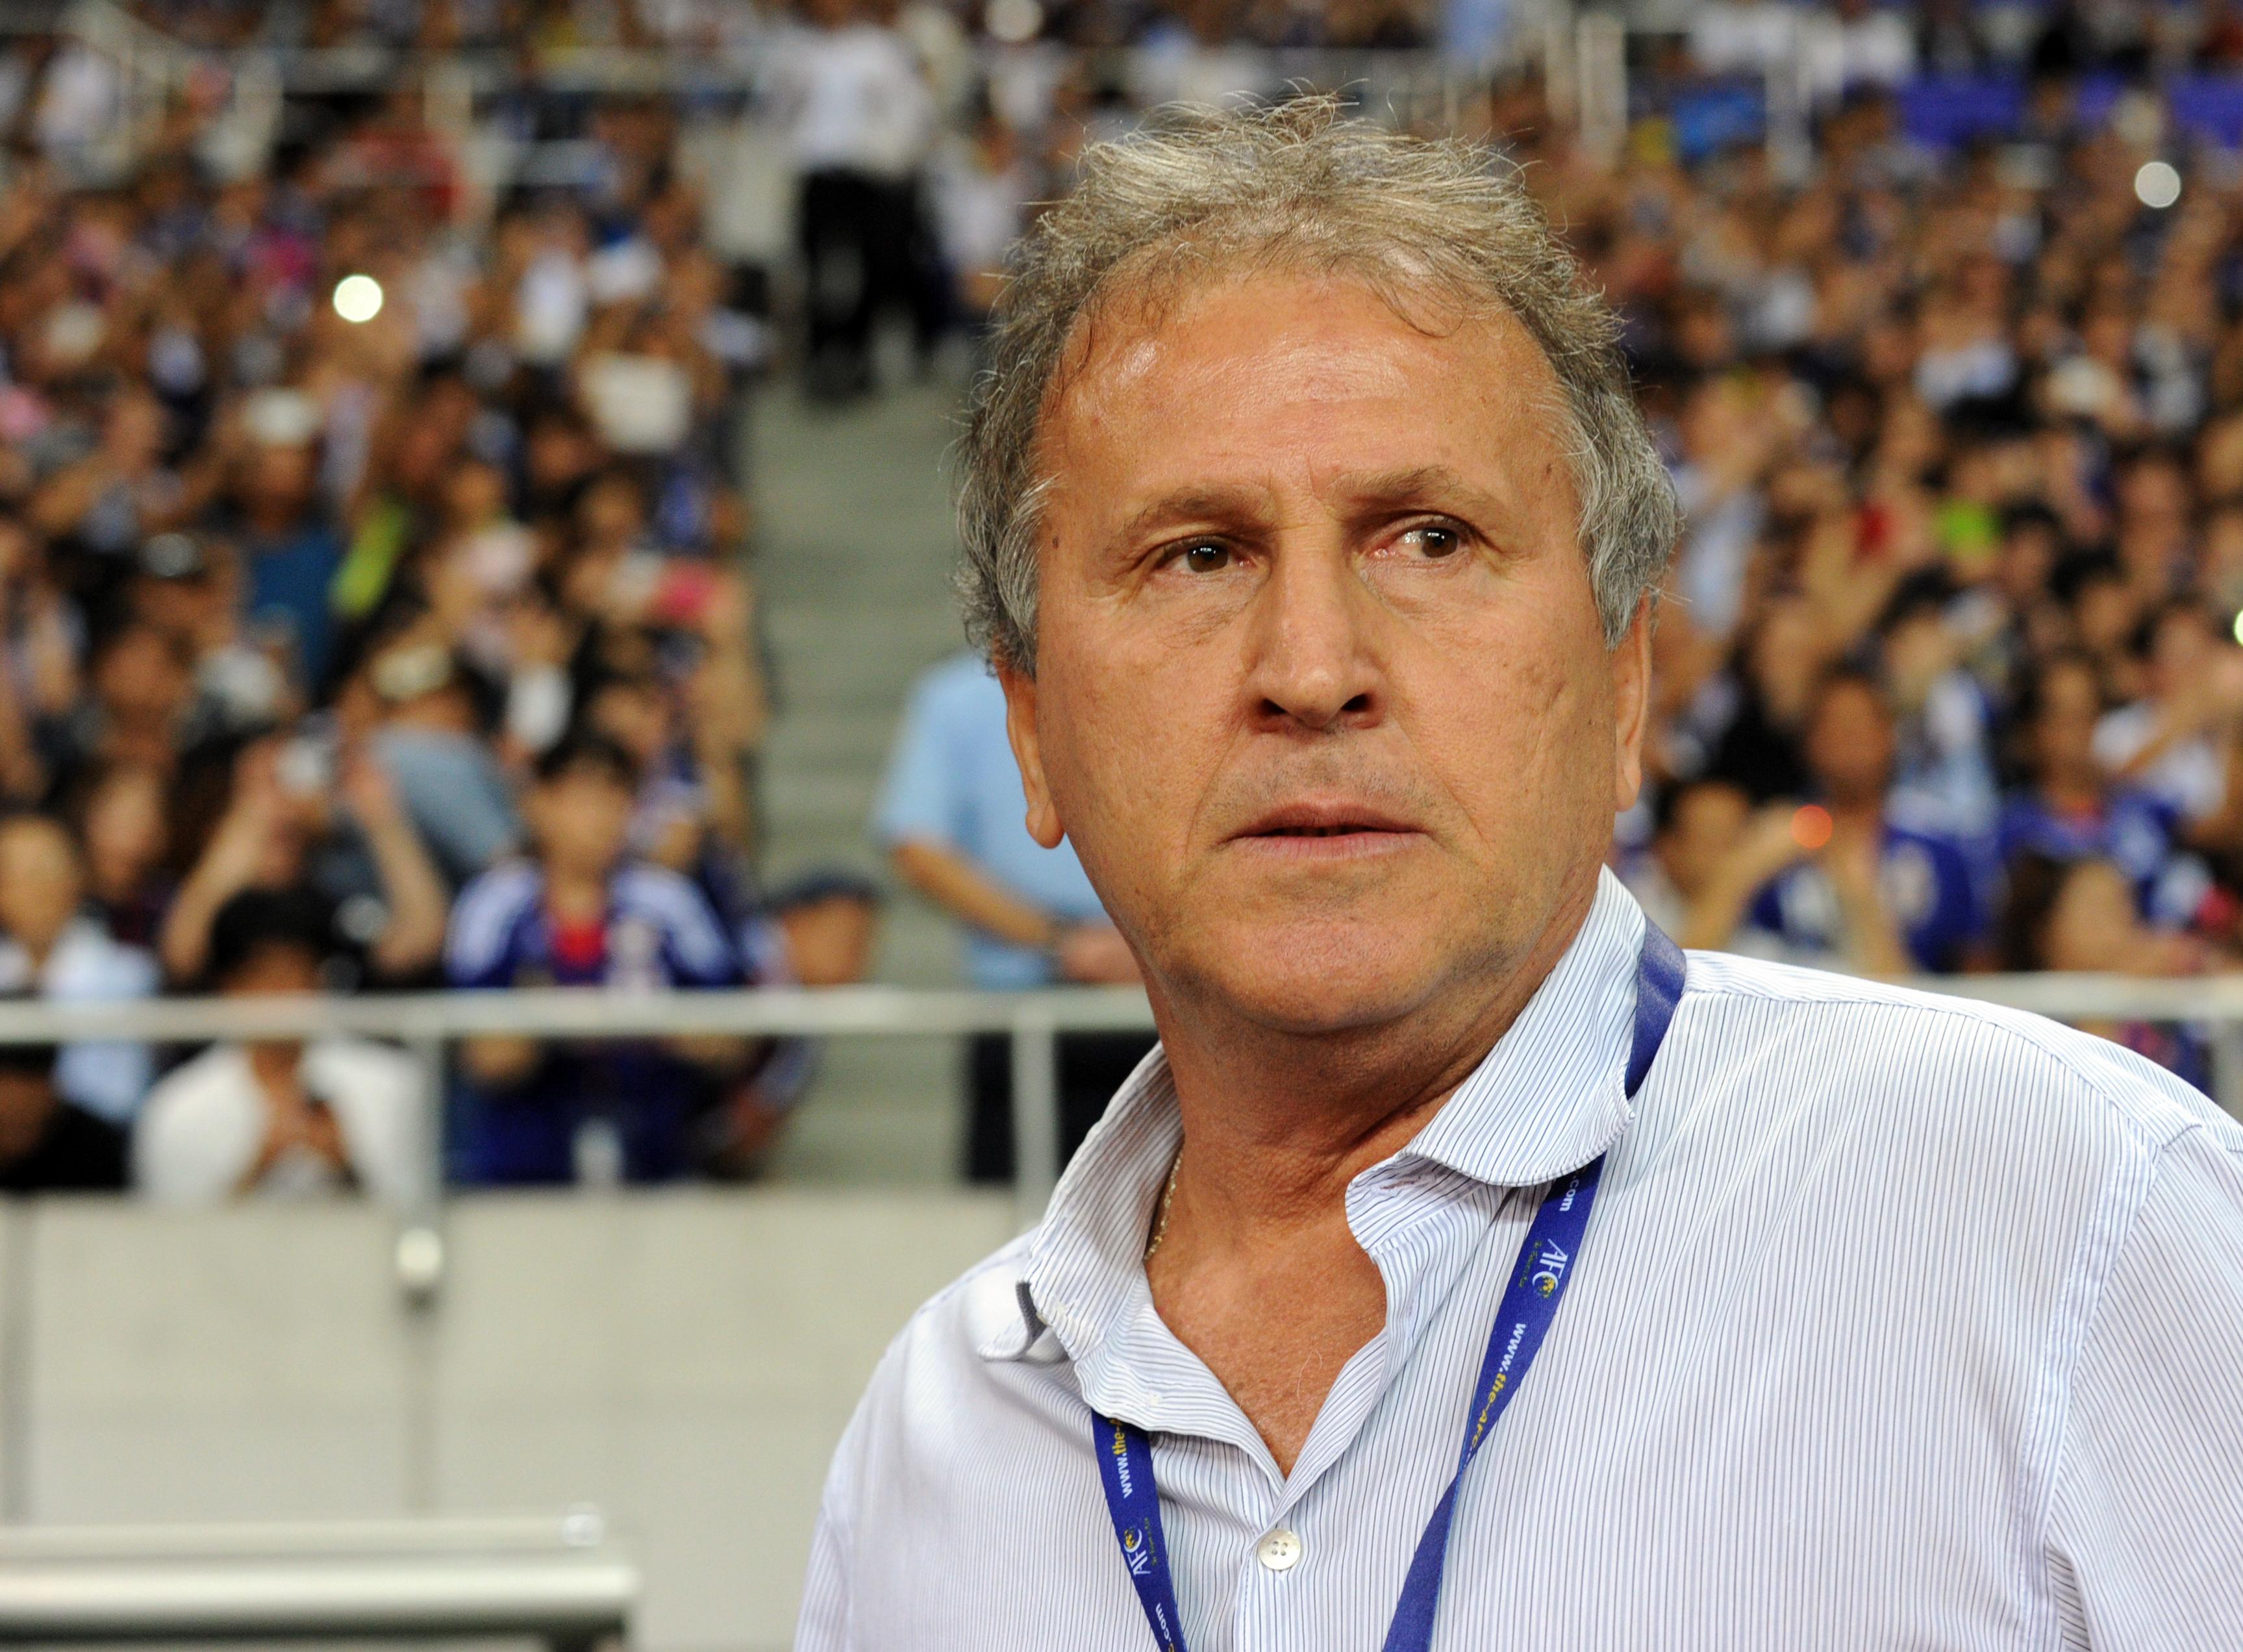 Convocado por Tite, Danilo espera se consolidar na seleção brasileira